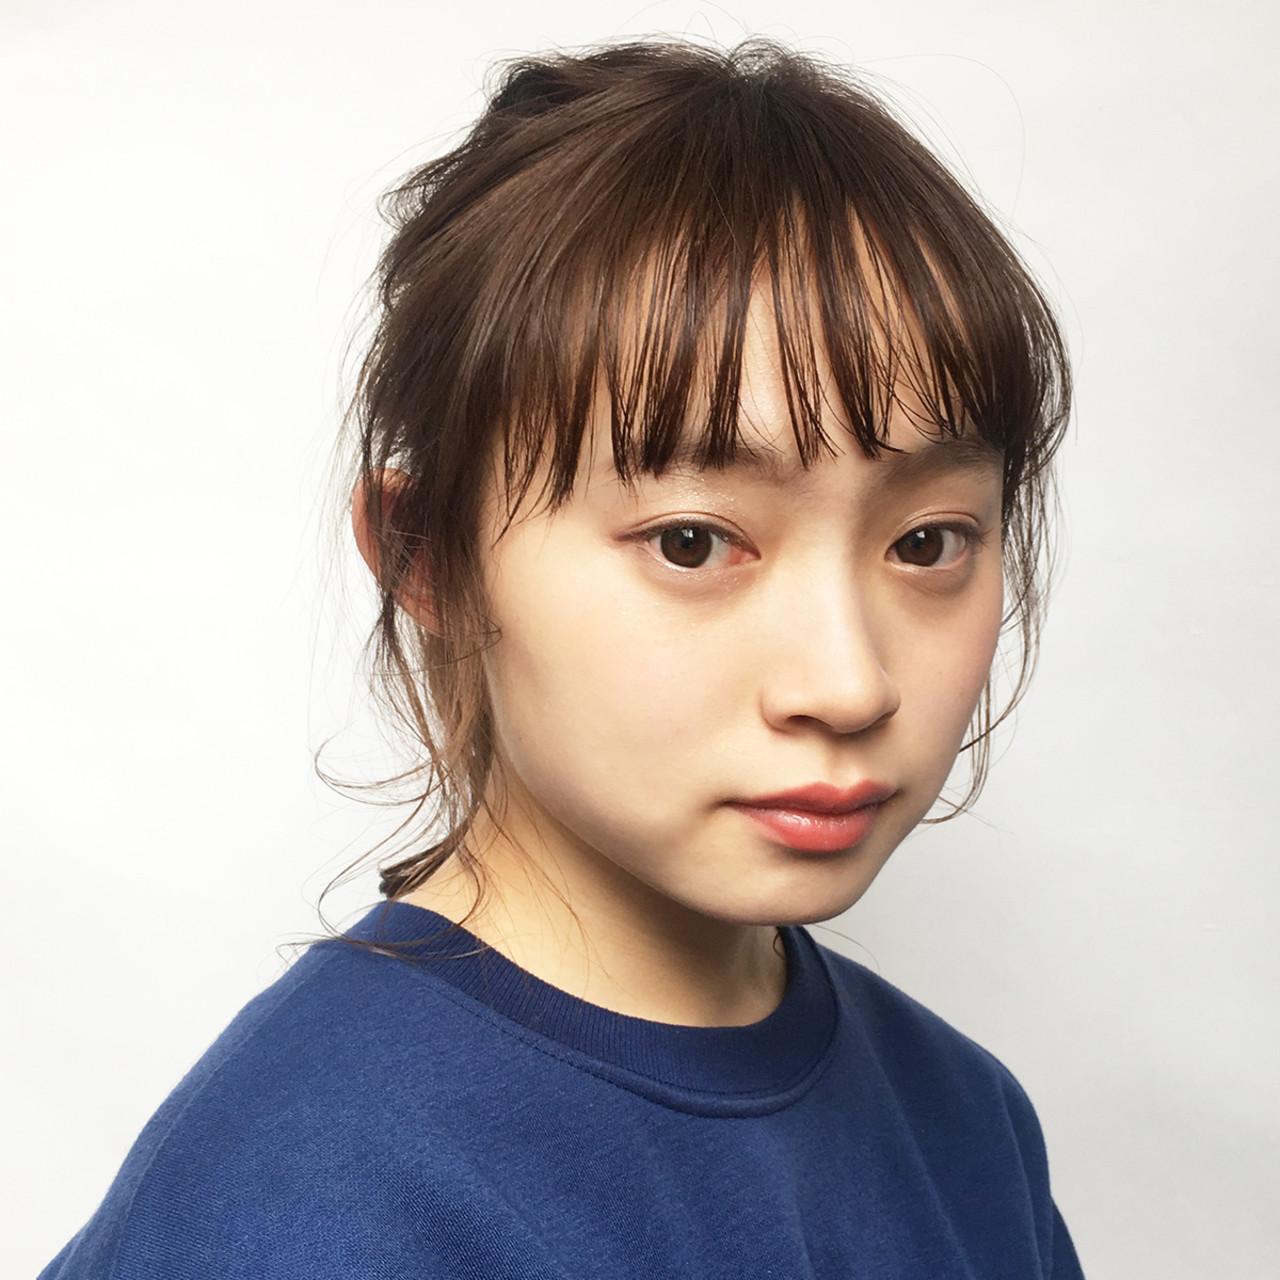 デート セミロング ヘアアレンジ オフィス ヘアスタイルや髪型の写真・画像 | 中尾 寿揮 / Anna Lanna